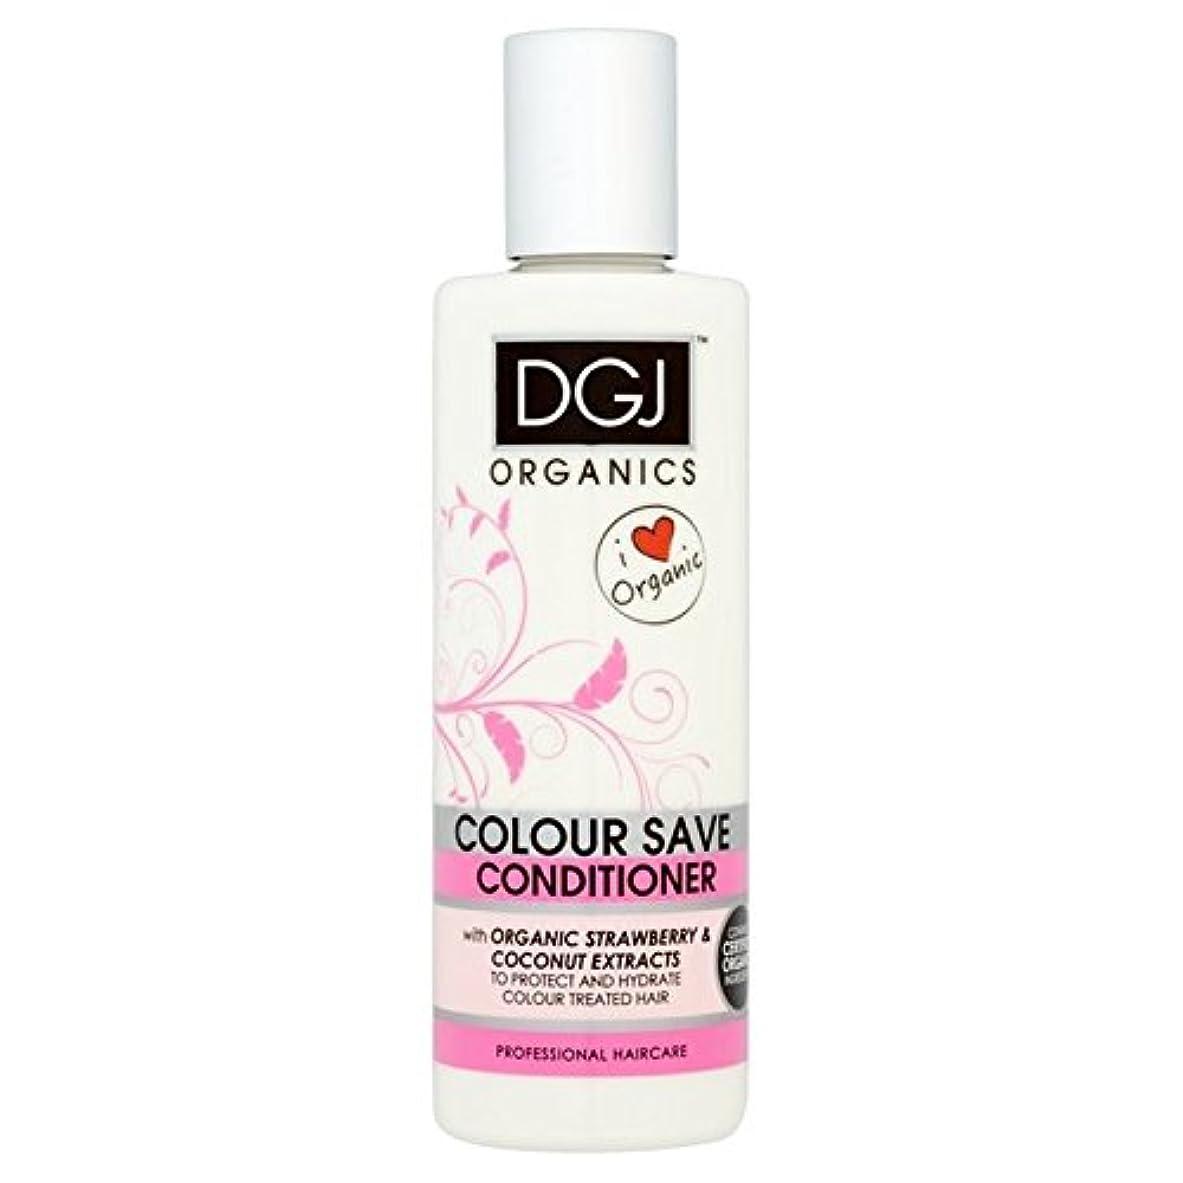 トースト不忠トラフ有機物の色コンディショナー250を保存 x4 - DGJ Organics Colour Save Conditioner 250ml (Pack of 4) [並行輸入品]